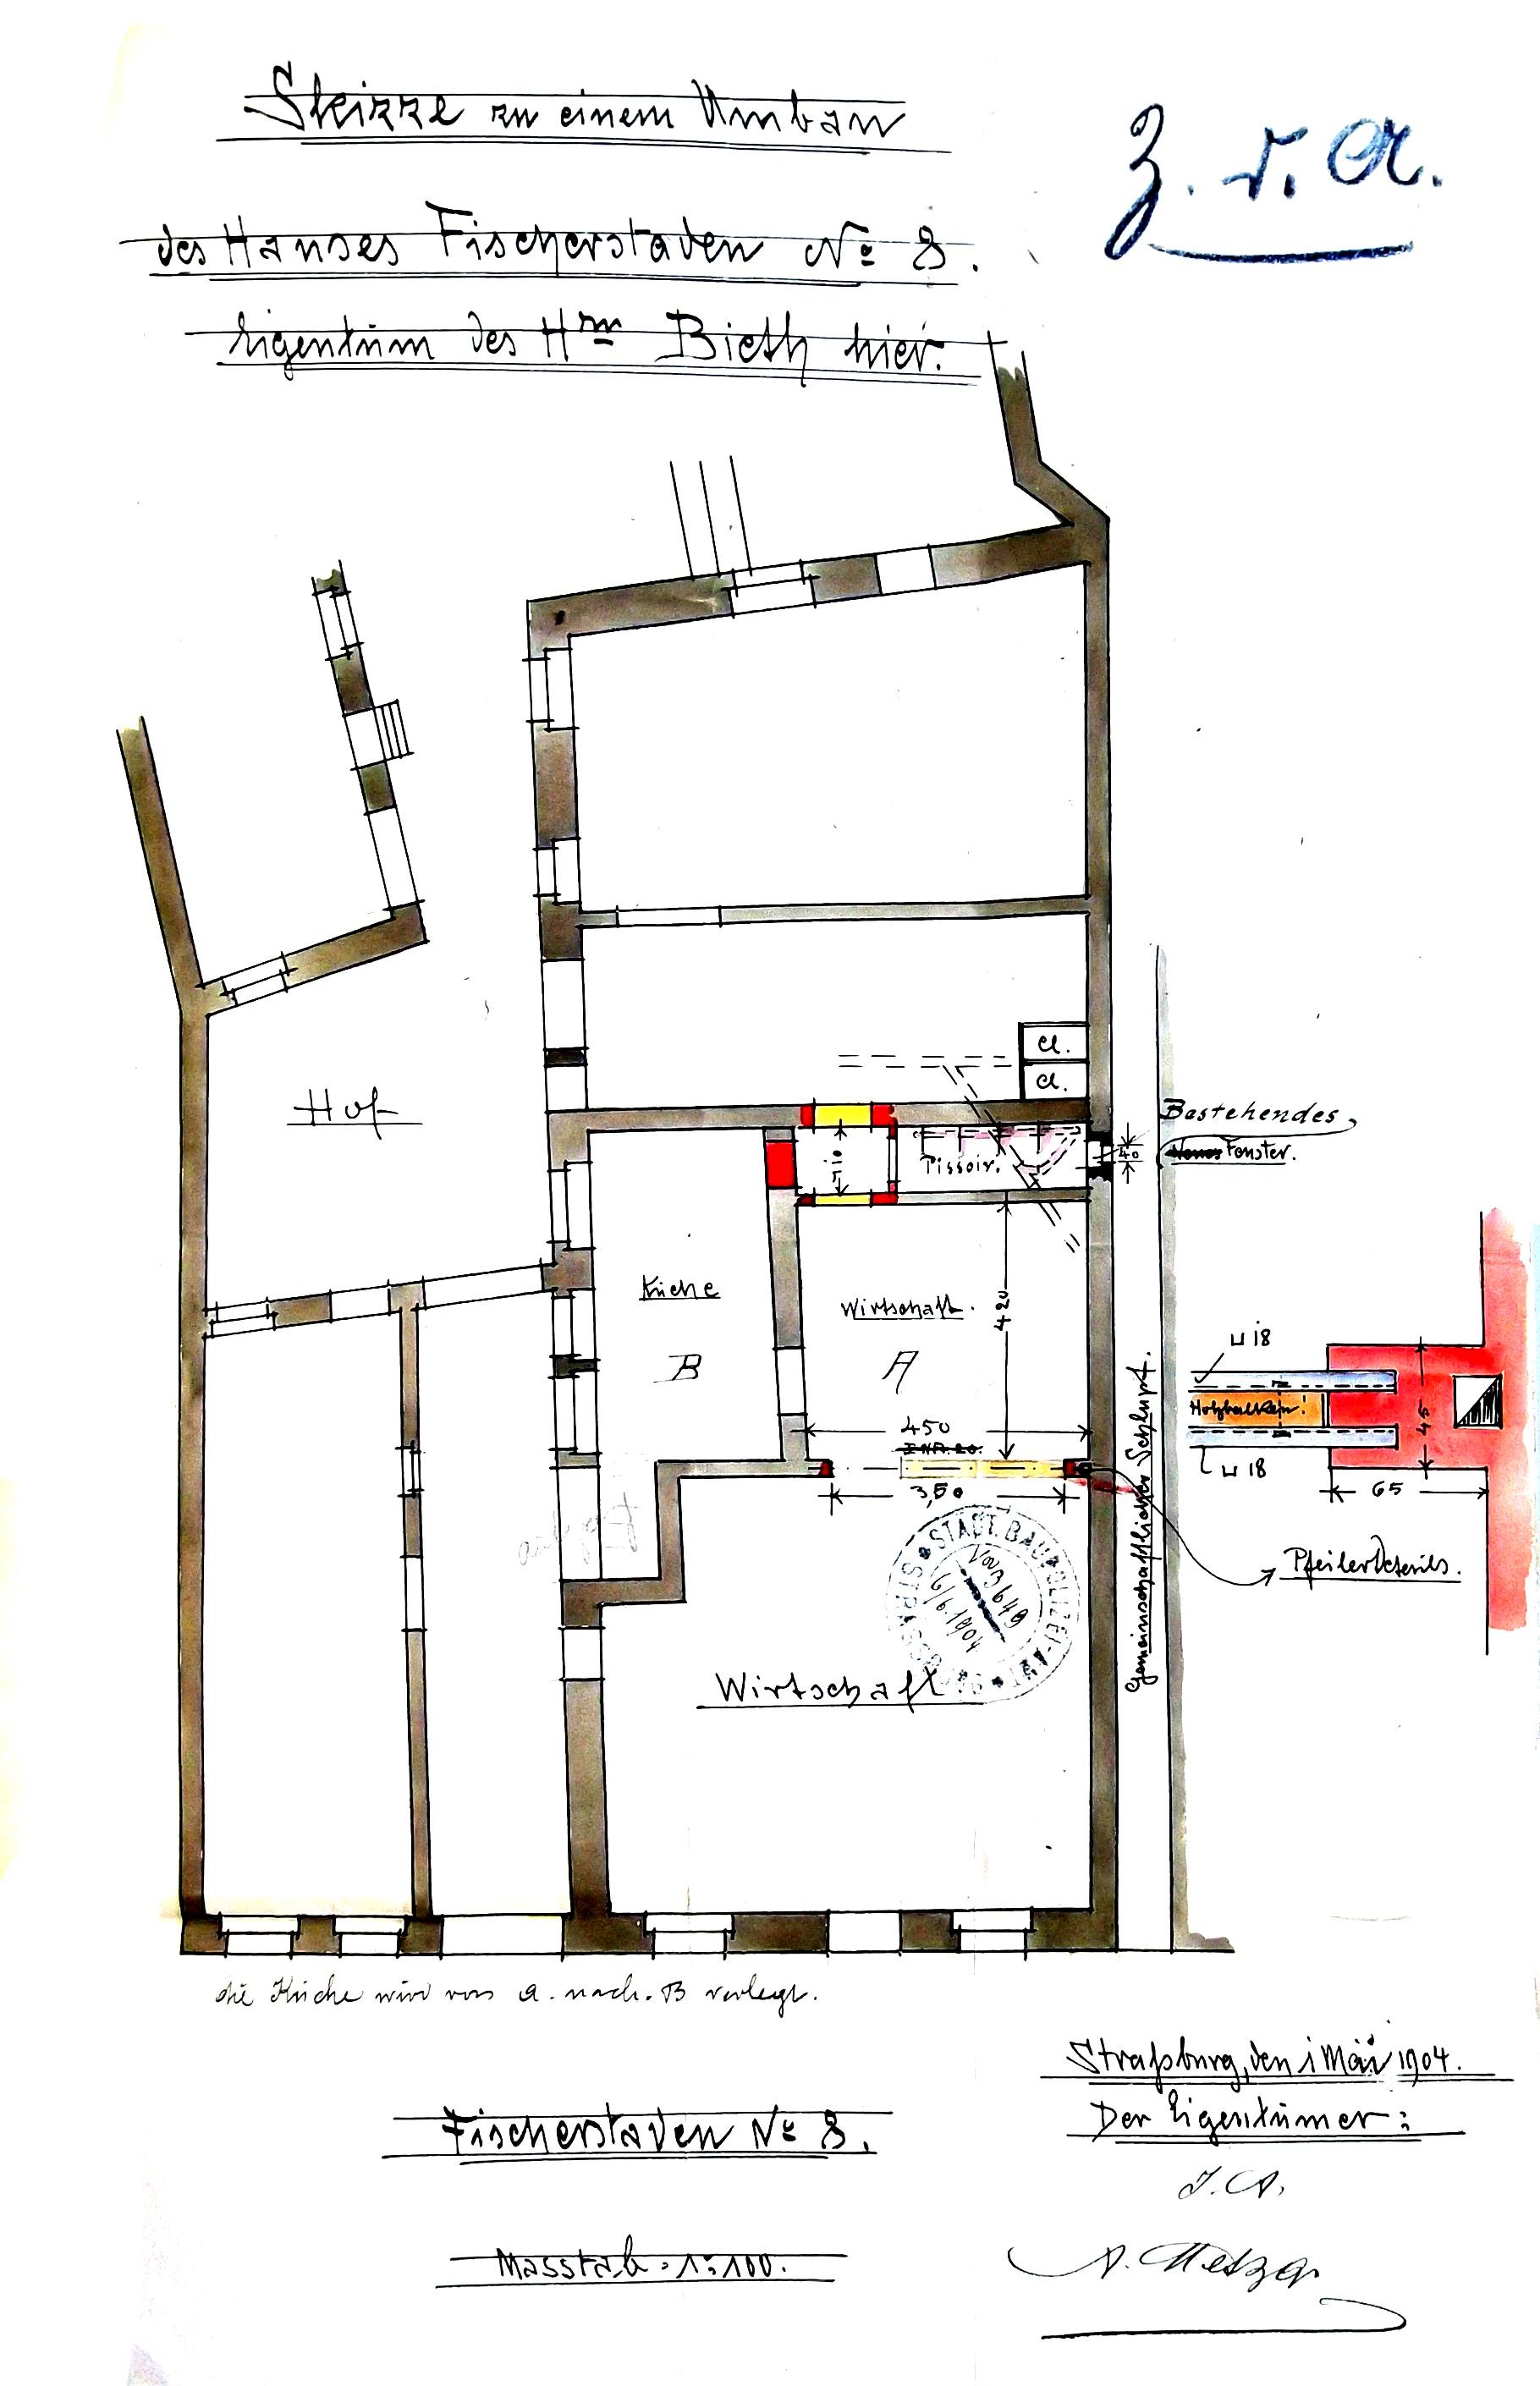 P%C3%AAcheurs-8-1904-plan-808-W-5 Luxe De Salon De Jardin Super U 149 Des Idées